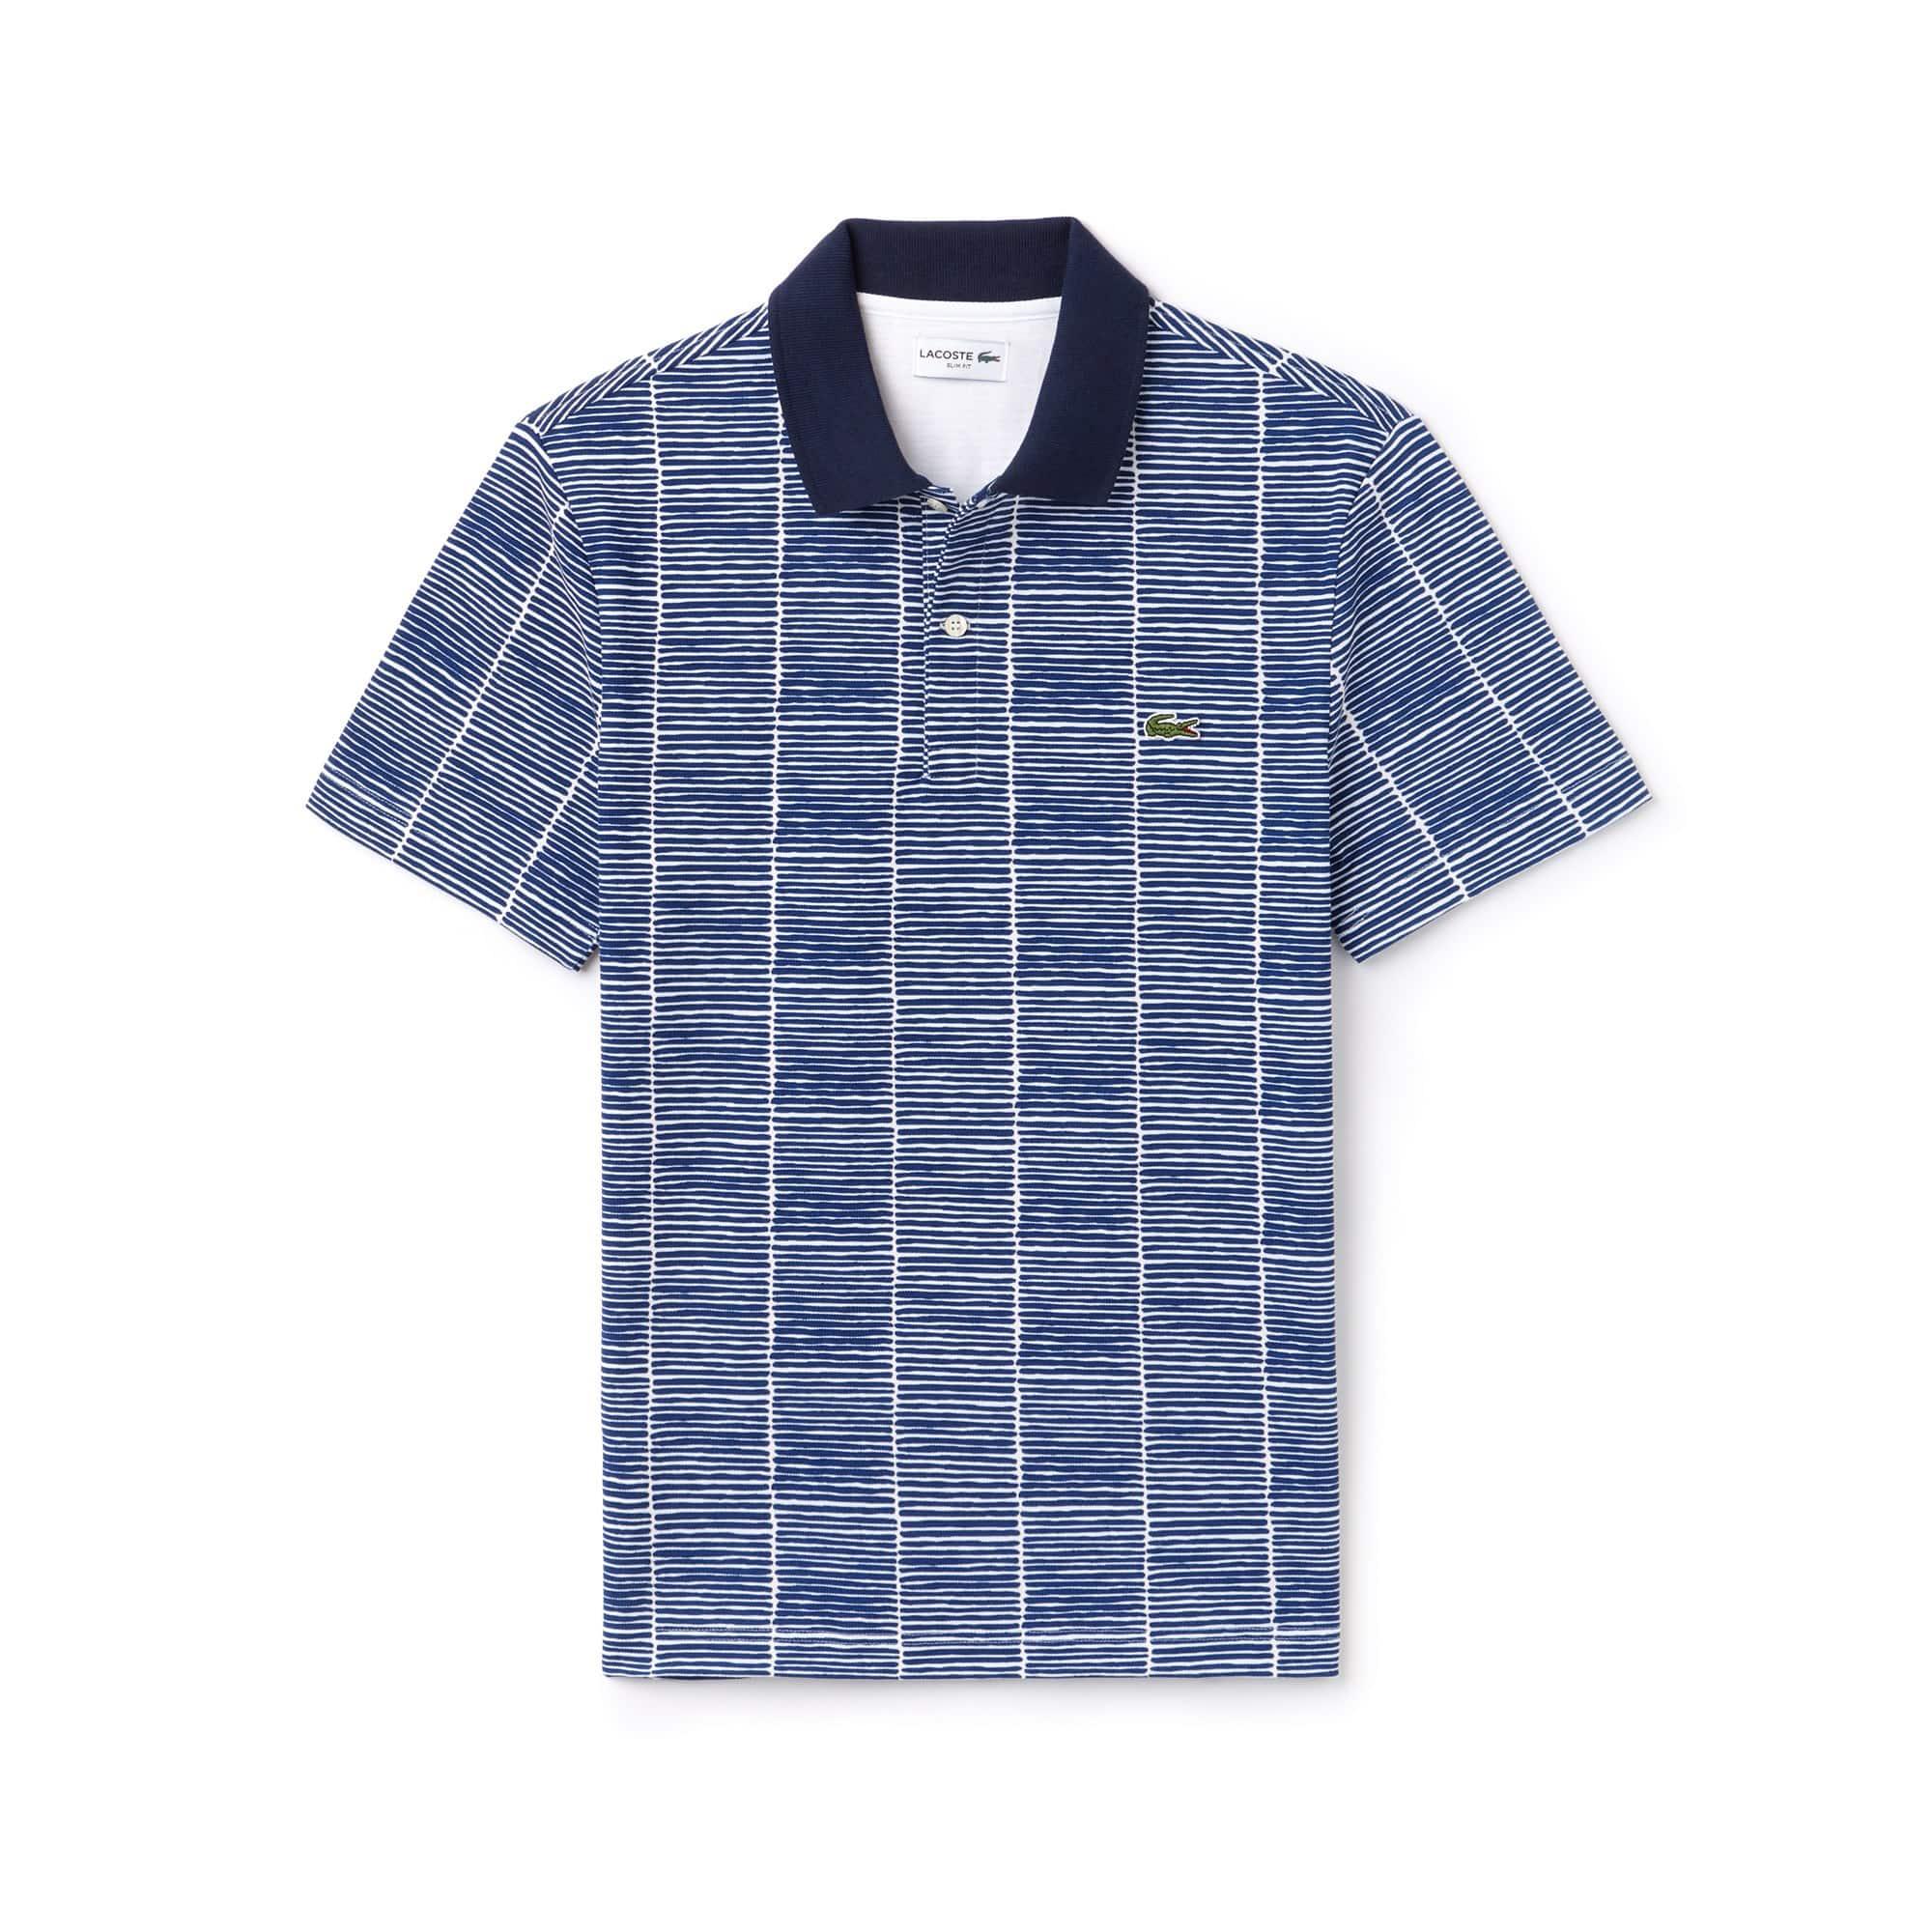 Men's Lacoste Slim Fit Print Cotton Piqué Polo Shirt